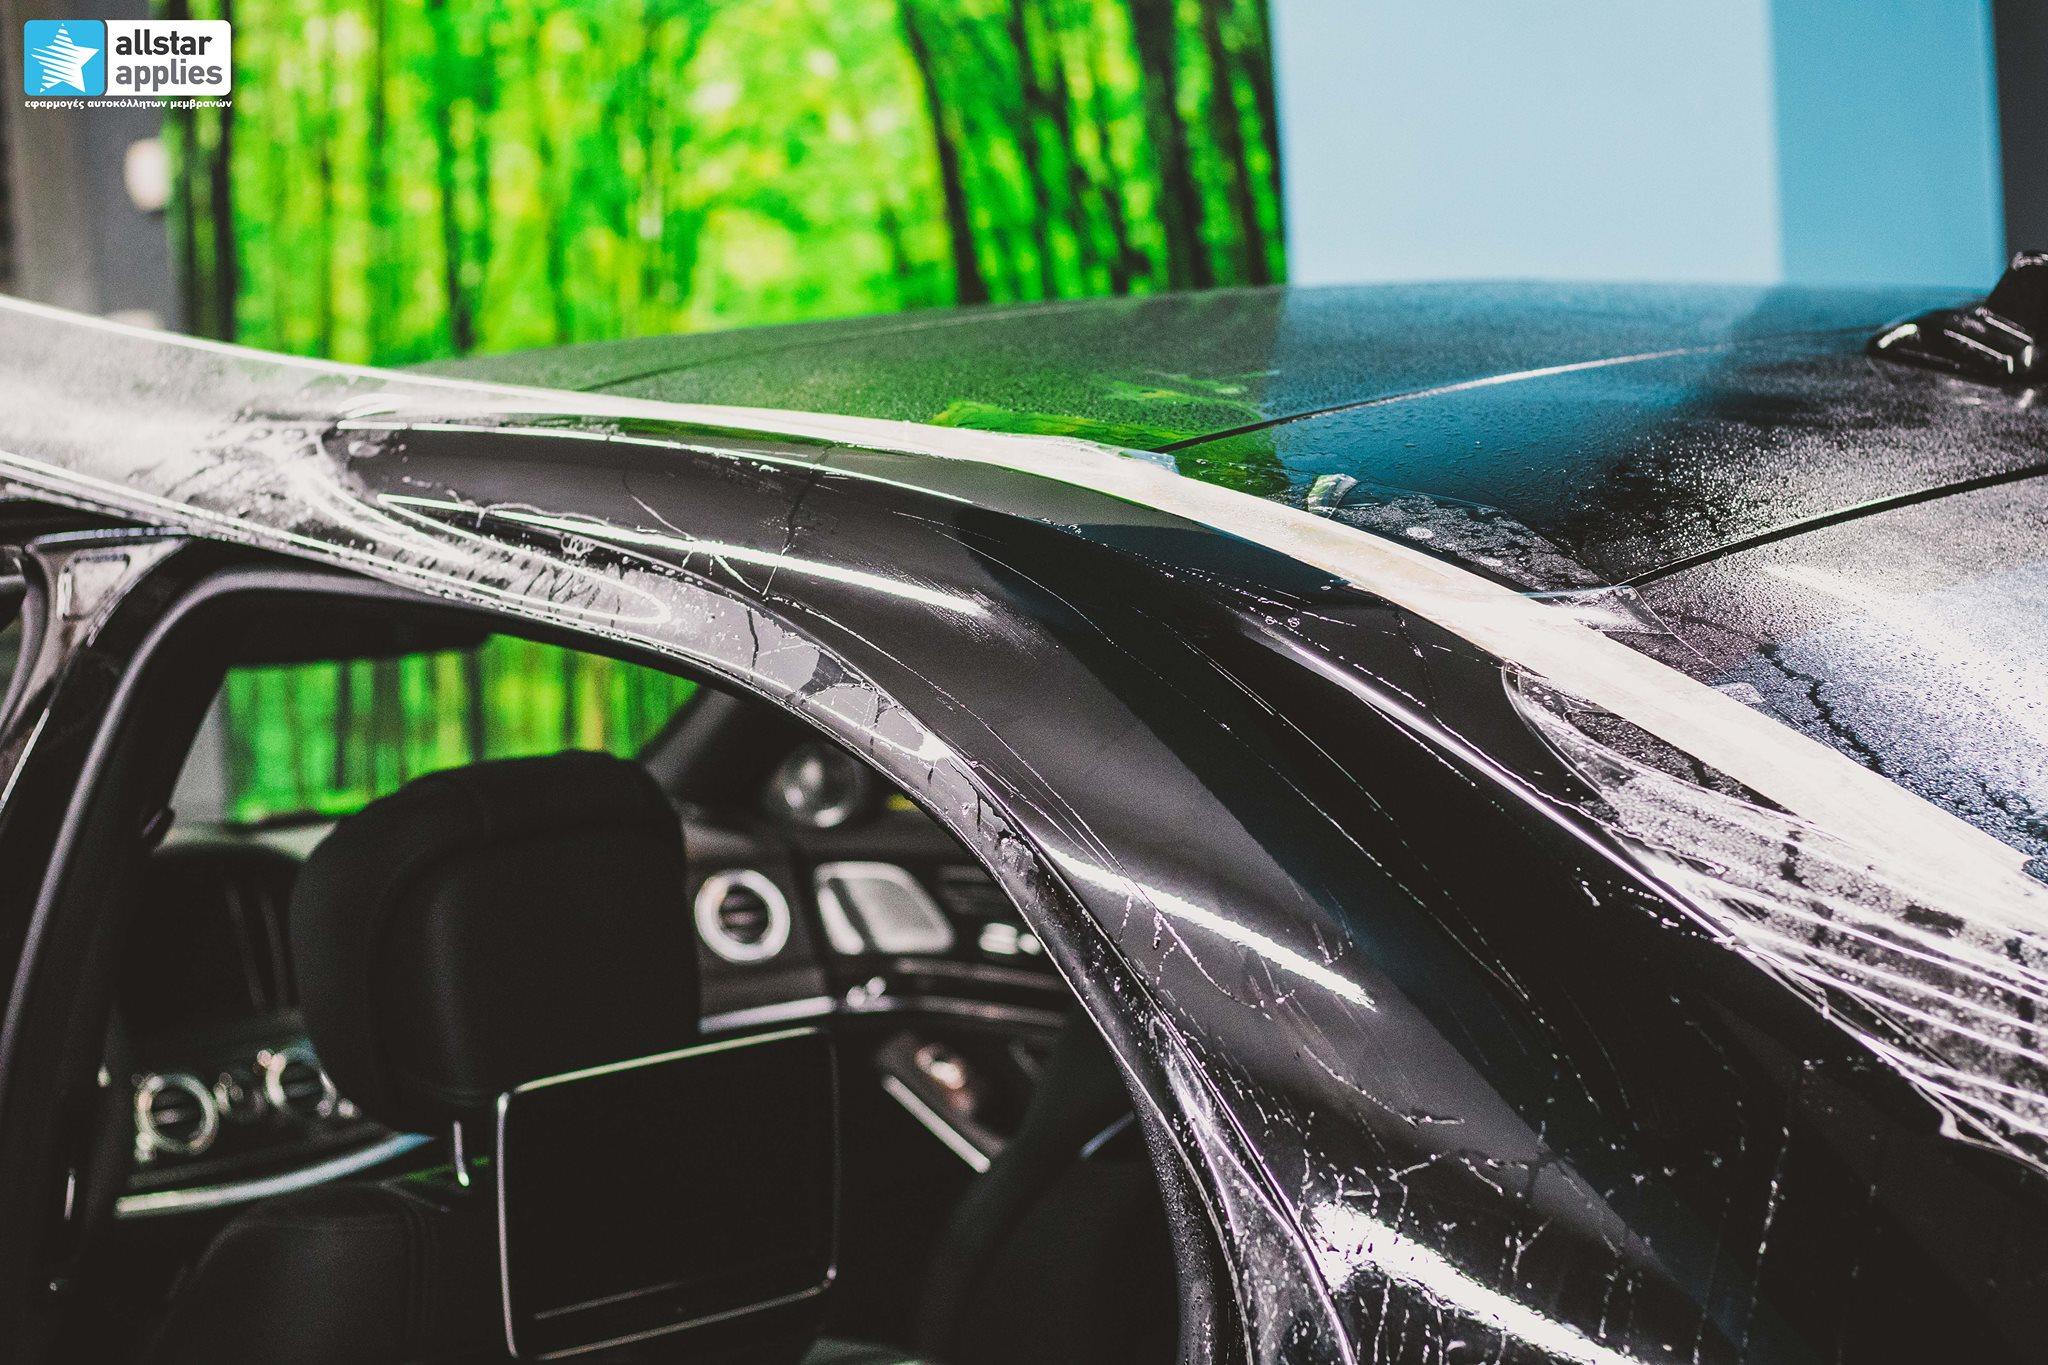 προστασία χρώματος αυτοκινήτου με αυτοκόλλητα Θεσσαλονίκη